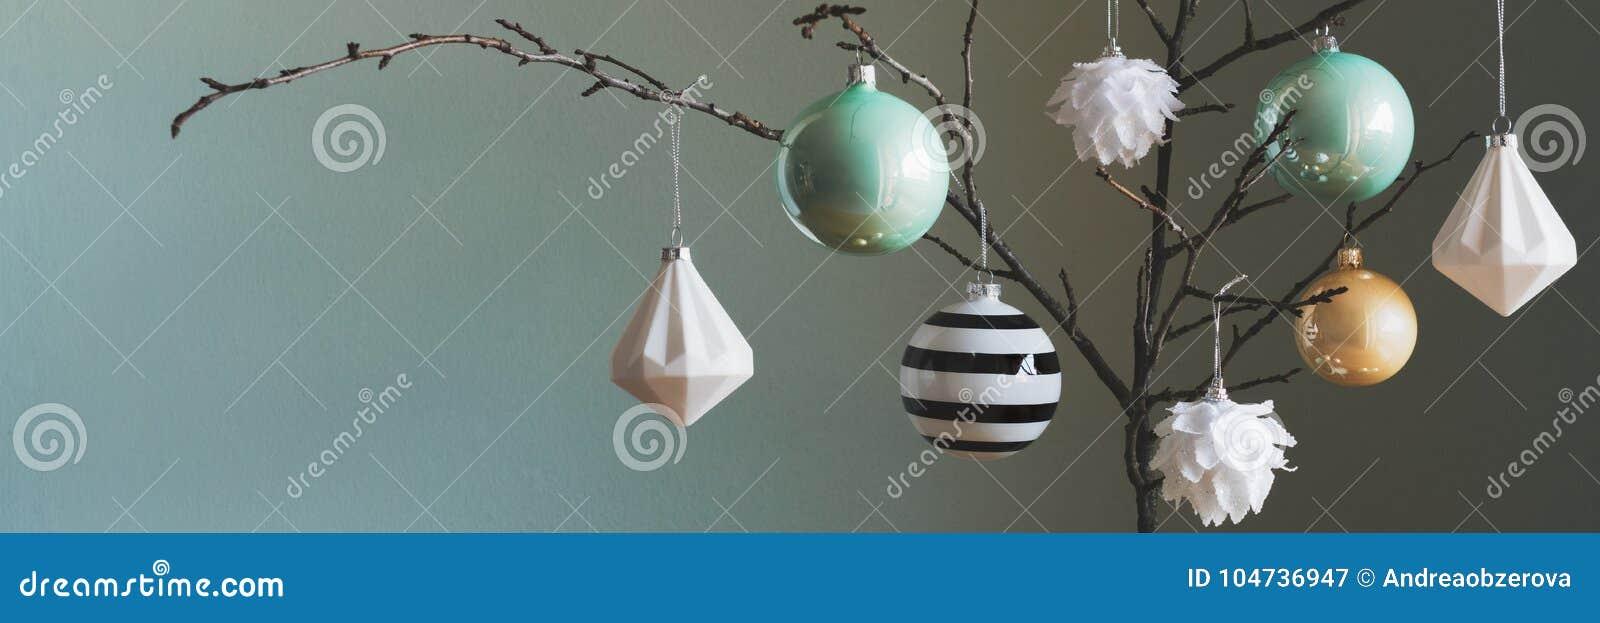 Moderna och eleganta enkla nordiska garneringar för julträd i svart, vit, guld och turkos